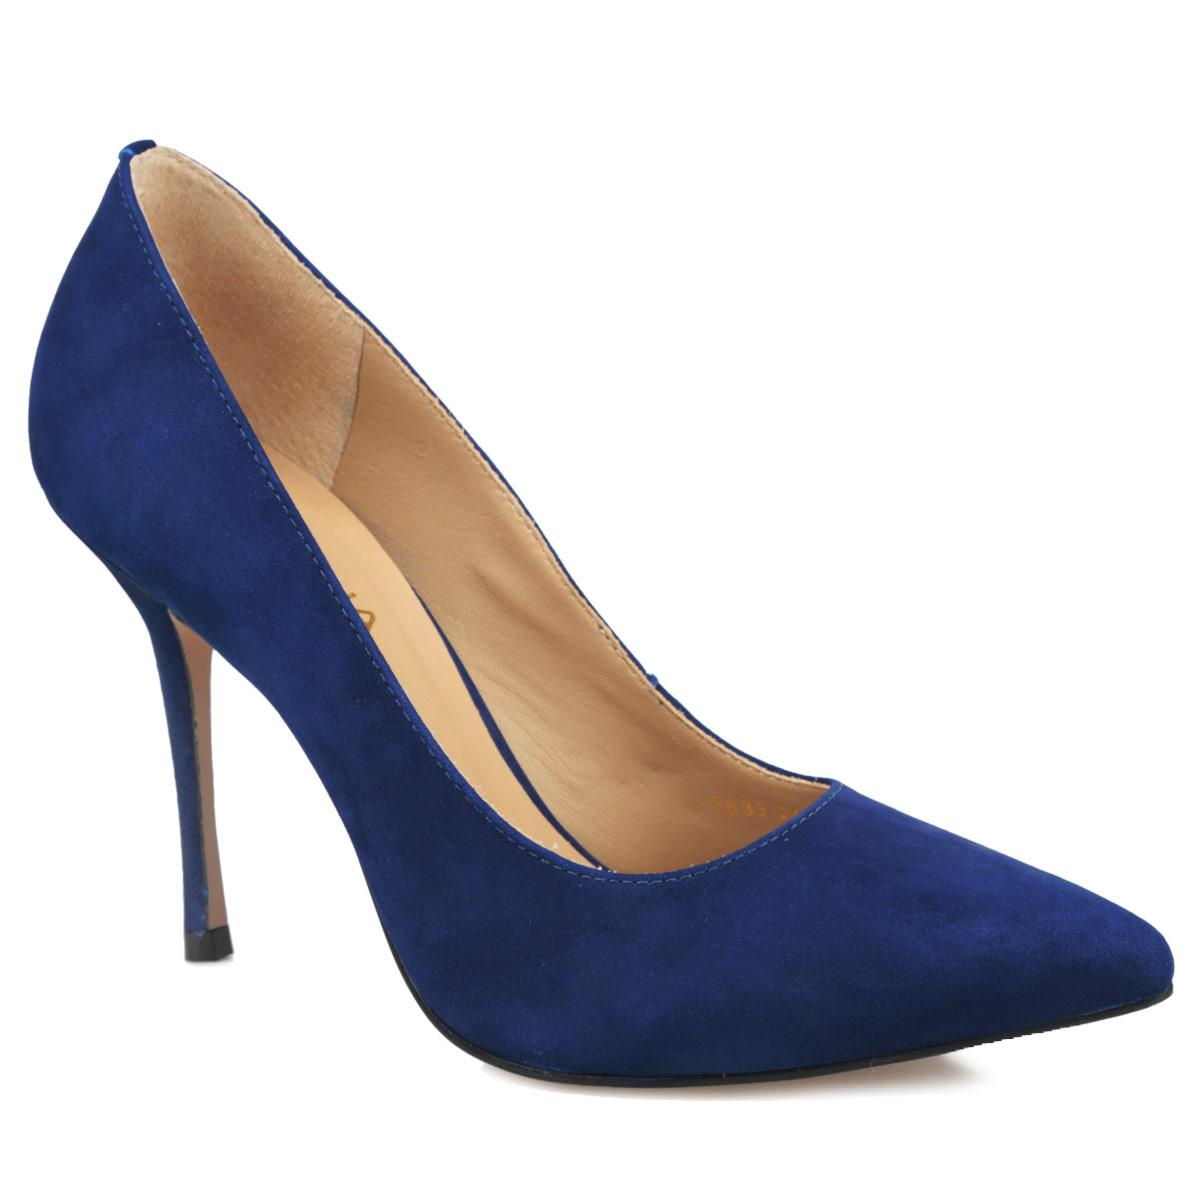 Туфли женские. 5833-215-2545833-215-254Элегантные женские туфли от Indiana займут достойное место в вашем гардеробе. Модель выполнена из натурального нубука и исполнена в лаконичном стиле. Зауженный носок добавит женственности в ваш образ. Стелька из натуральной кожи позволит ногам дышать. Высокий каблук устойчив. Подошва с рифлением защищает изделие от скольжения. Изысканные туфли добавят шика в модный образ и подчеркнут ваш безупречный вкус.